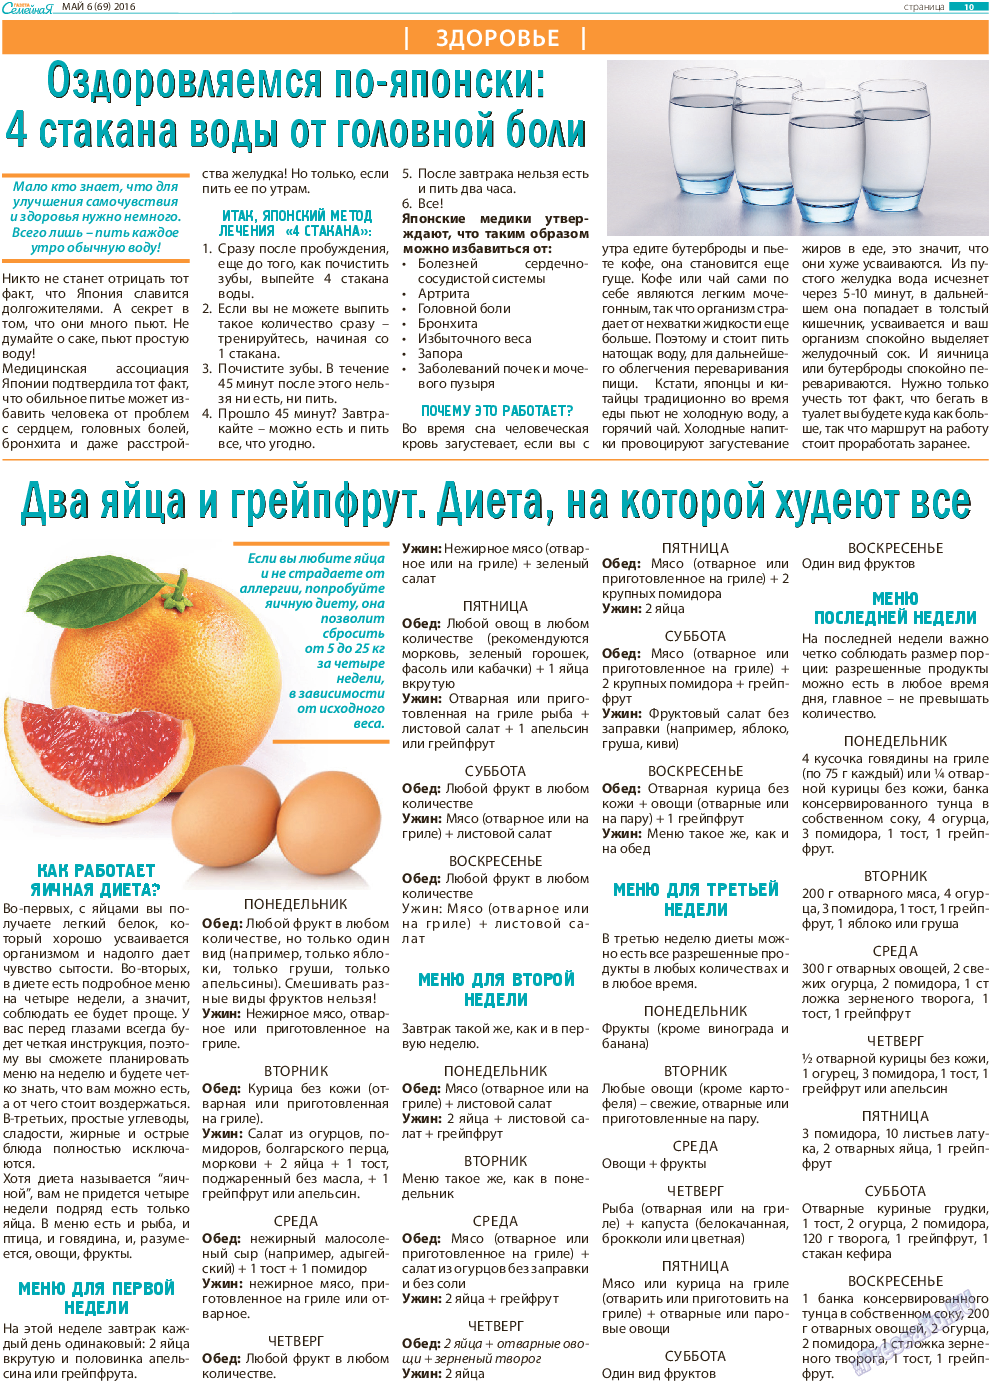 Рецепты Яичной Диеты. Разные варианты яичных диет с подробными меню и рецептами: худеем с помощью белков